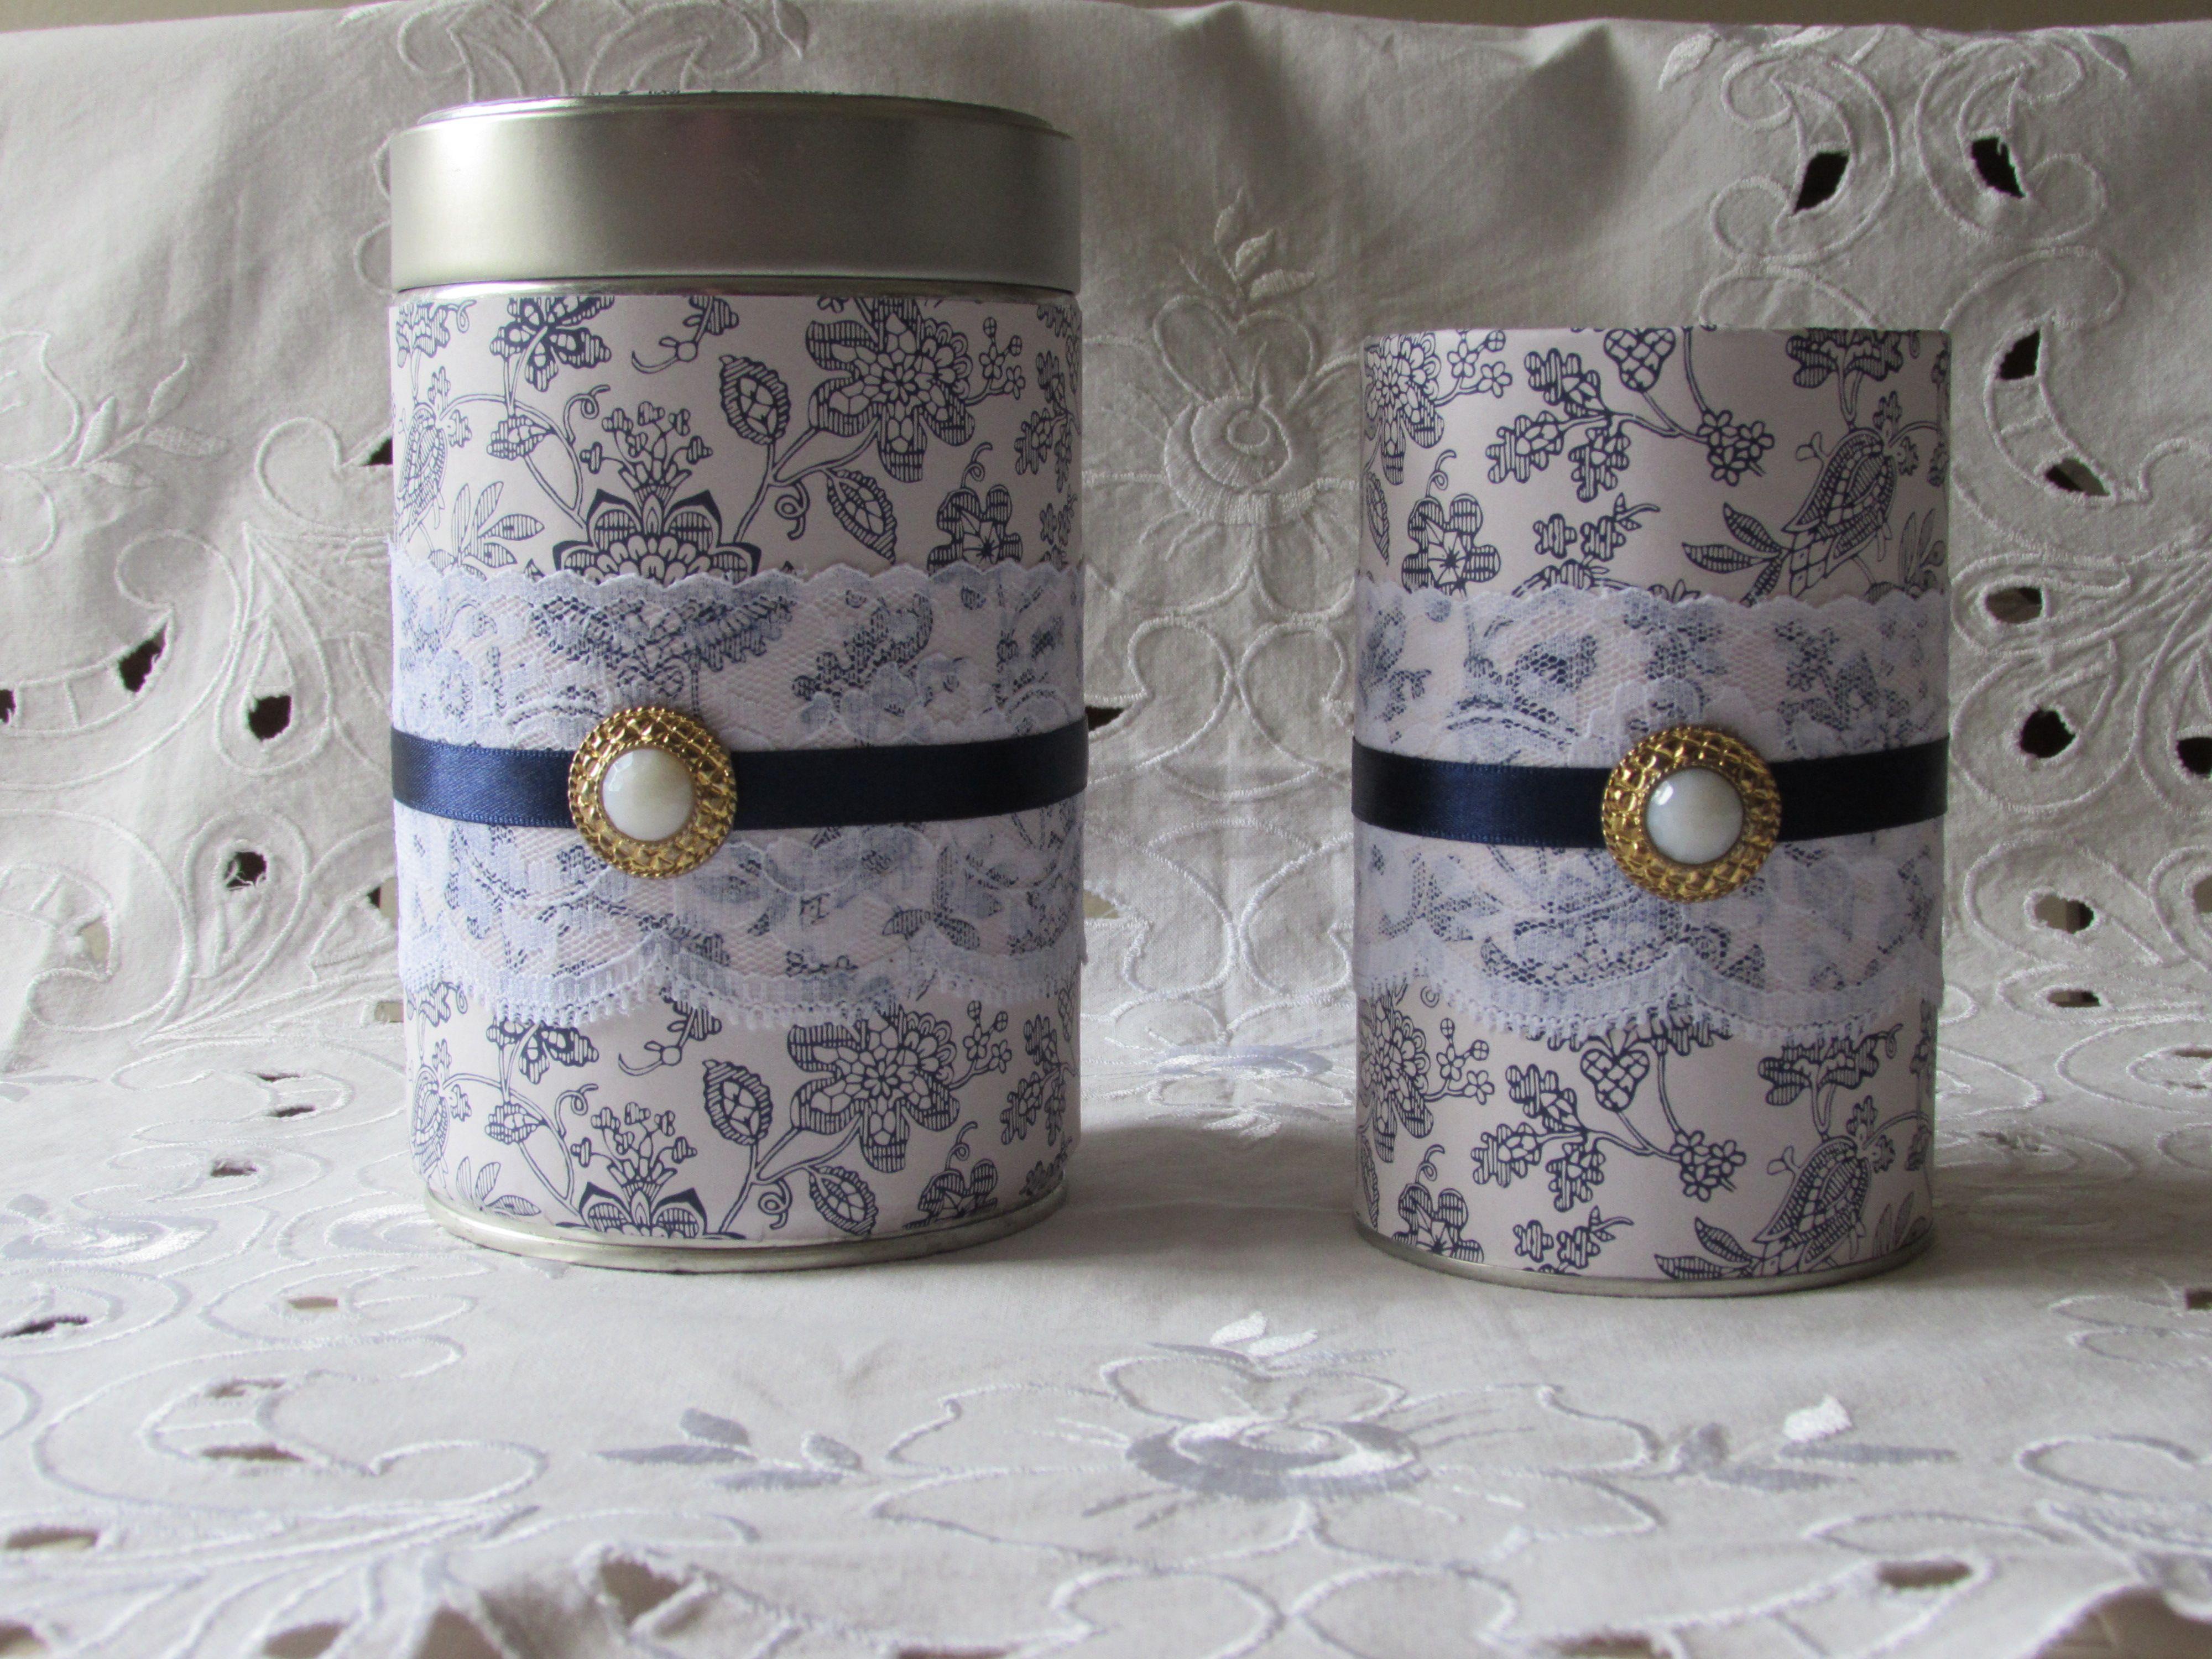 Kauniit sinivalkoiset säilytyspurkki ja kynäpurkki. Osittain kierrätysmateriaalista tehty. Myyty.